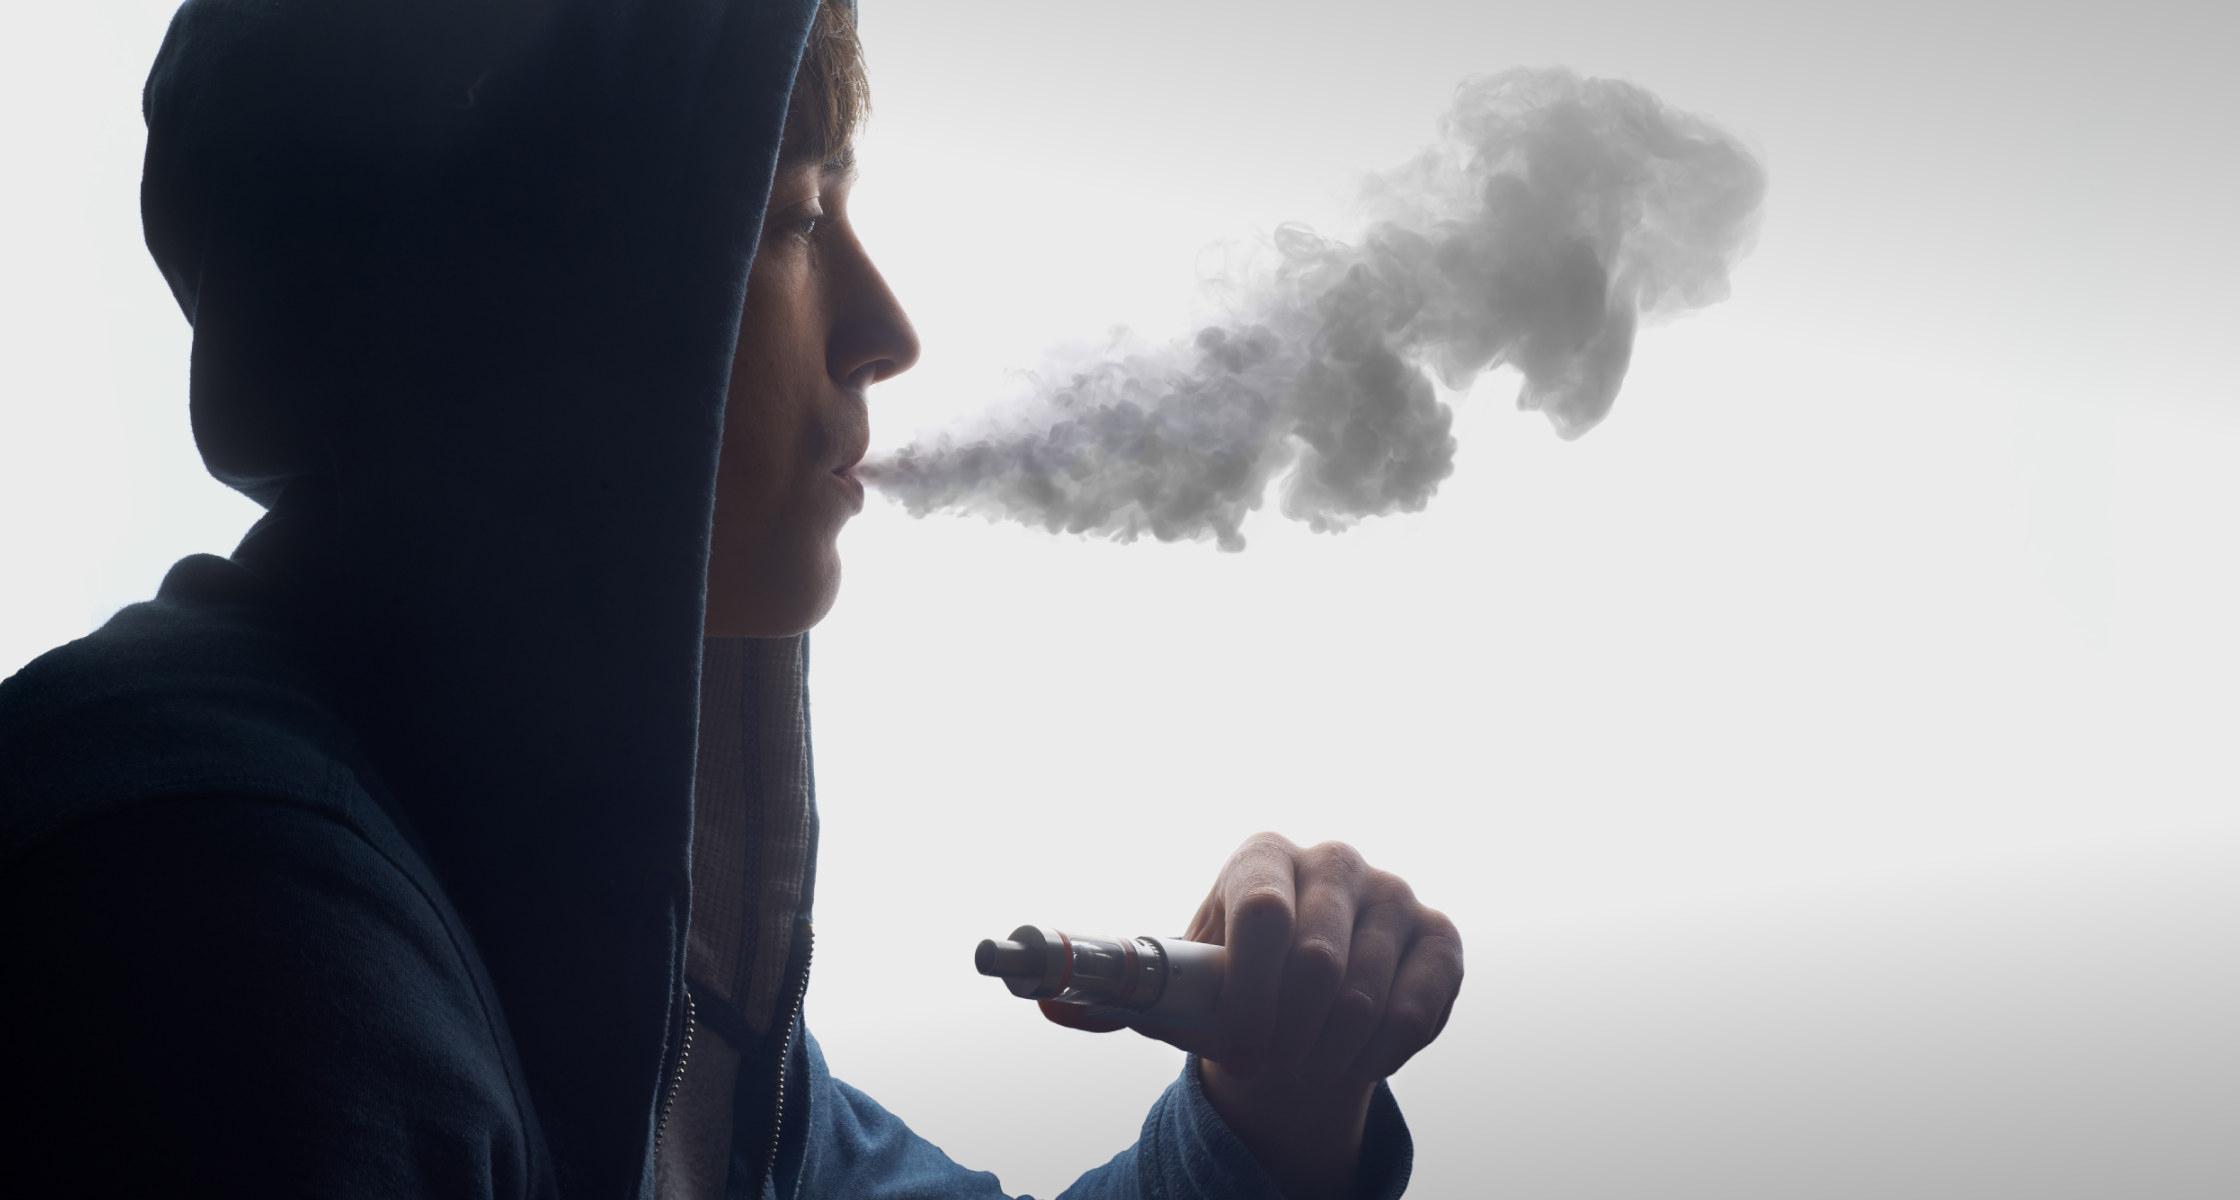 Who Verschärft Warnung Vor E-Zigaretten in 2 3 Zigaretten Schwangerschaft